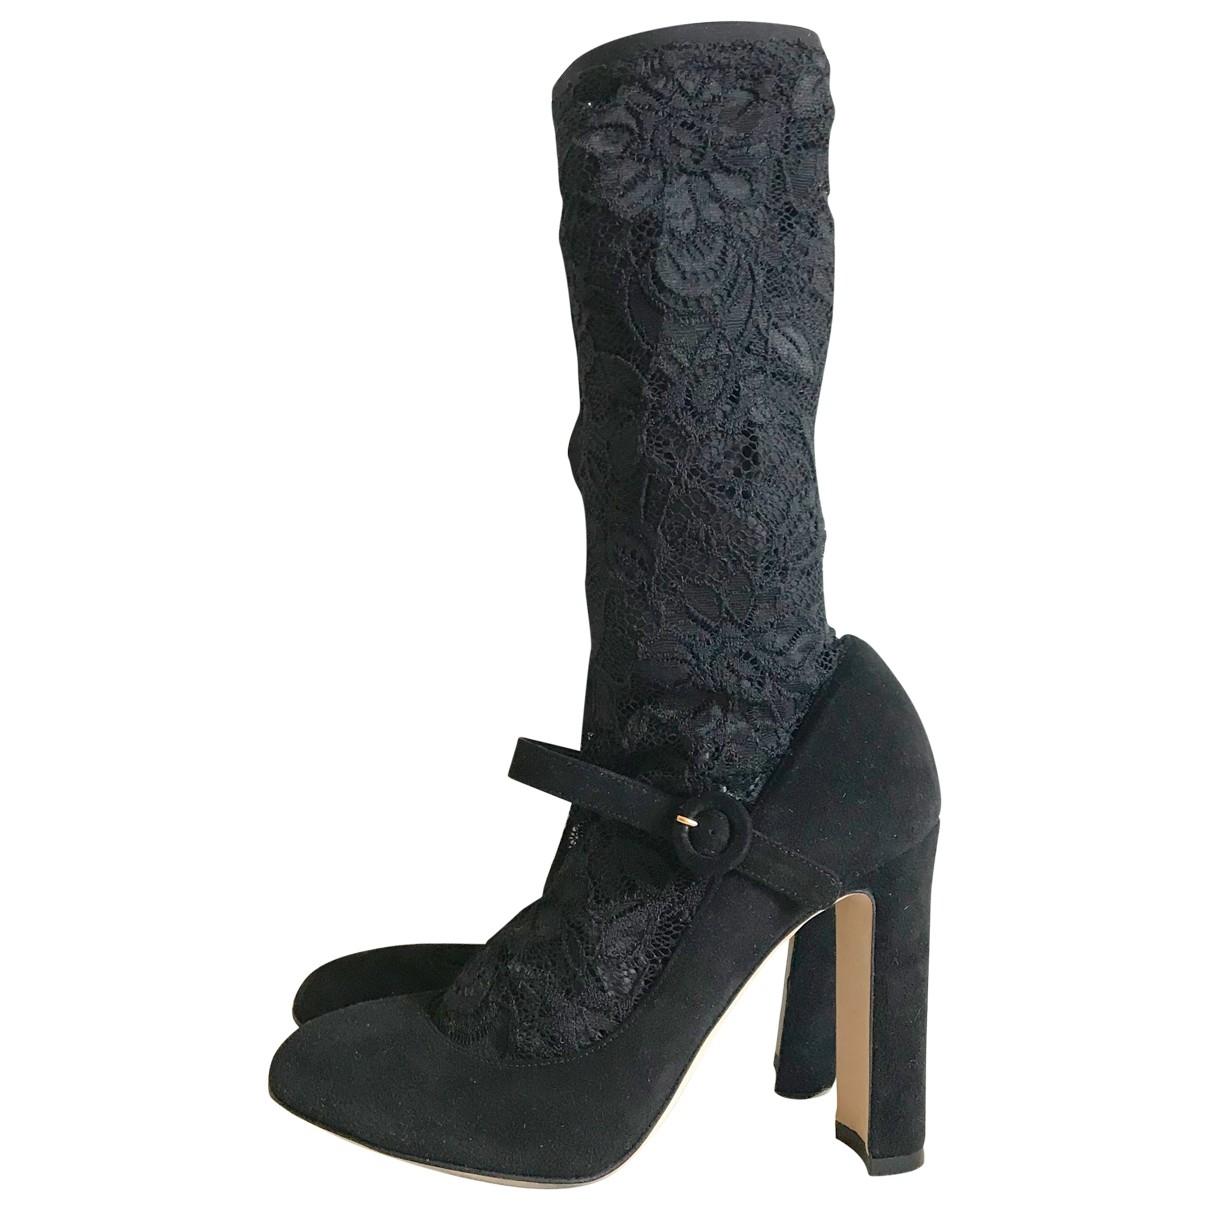 Dolce & Gabbana - Boots Taormina pour femme en suede - noir